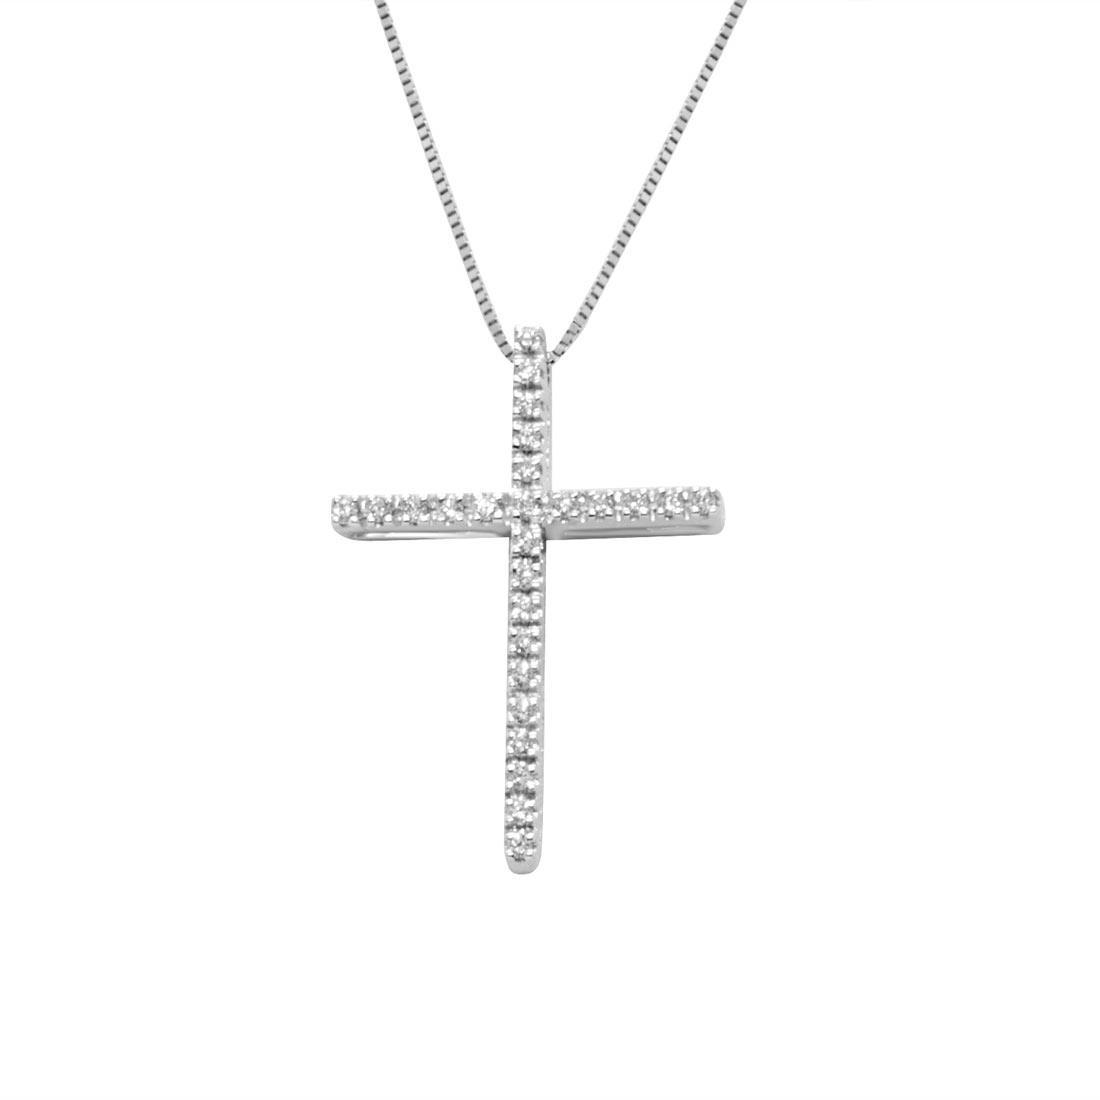 Collana in oro bianco con croce di diamanti 0,16 ct - ALFIERI ST JOHN